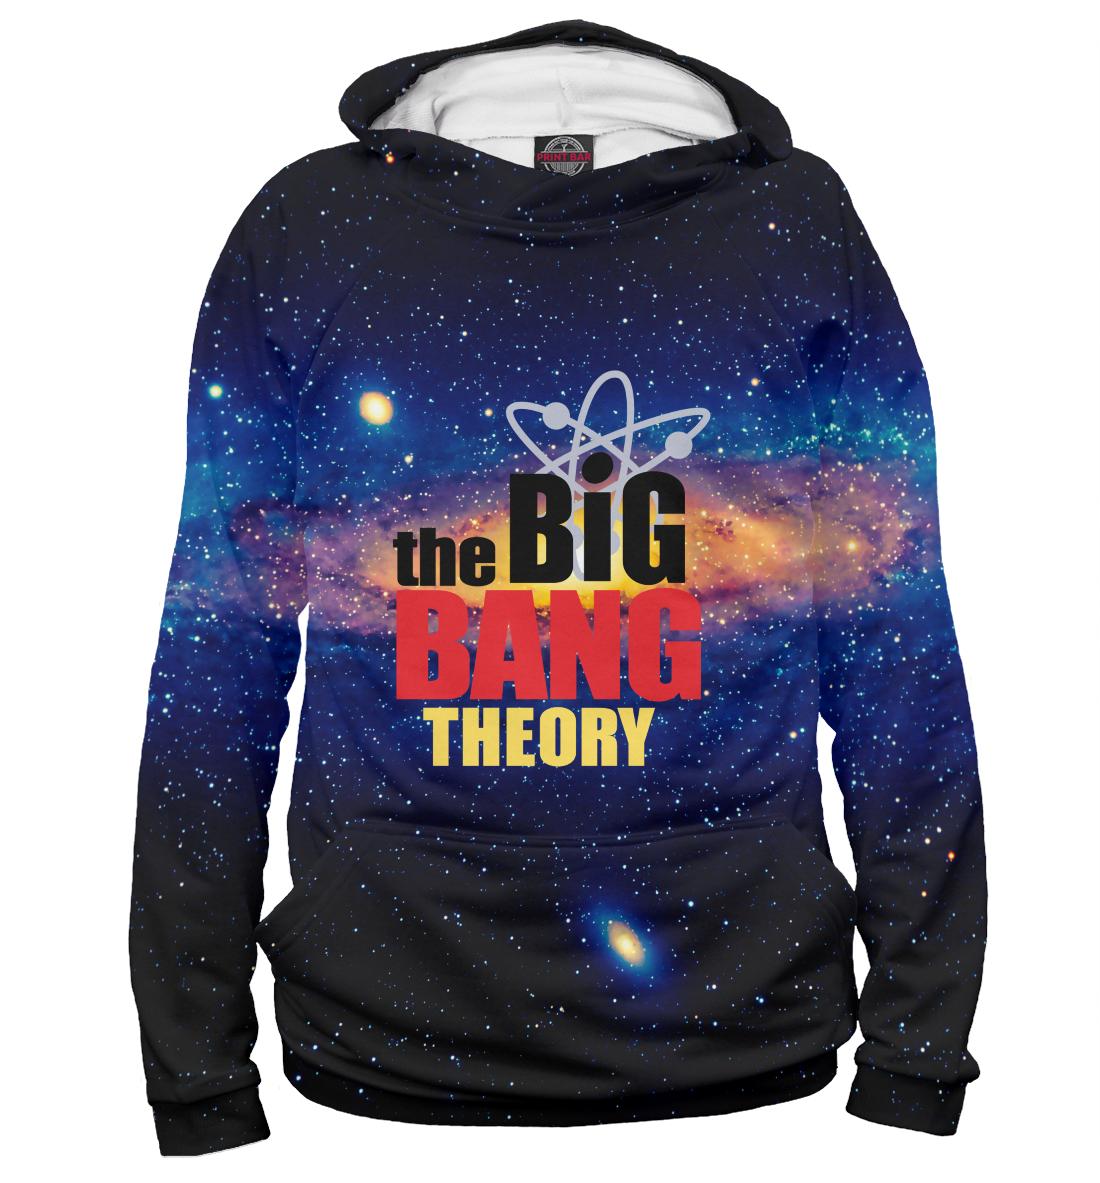 Купить Теория большого взрыва, Printbar, Худи, TEO-196231-hud-1